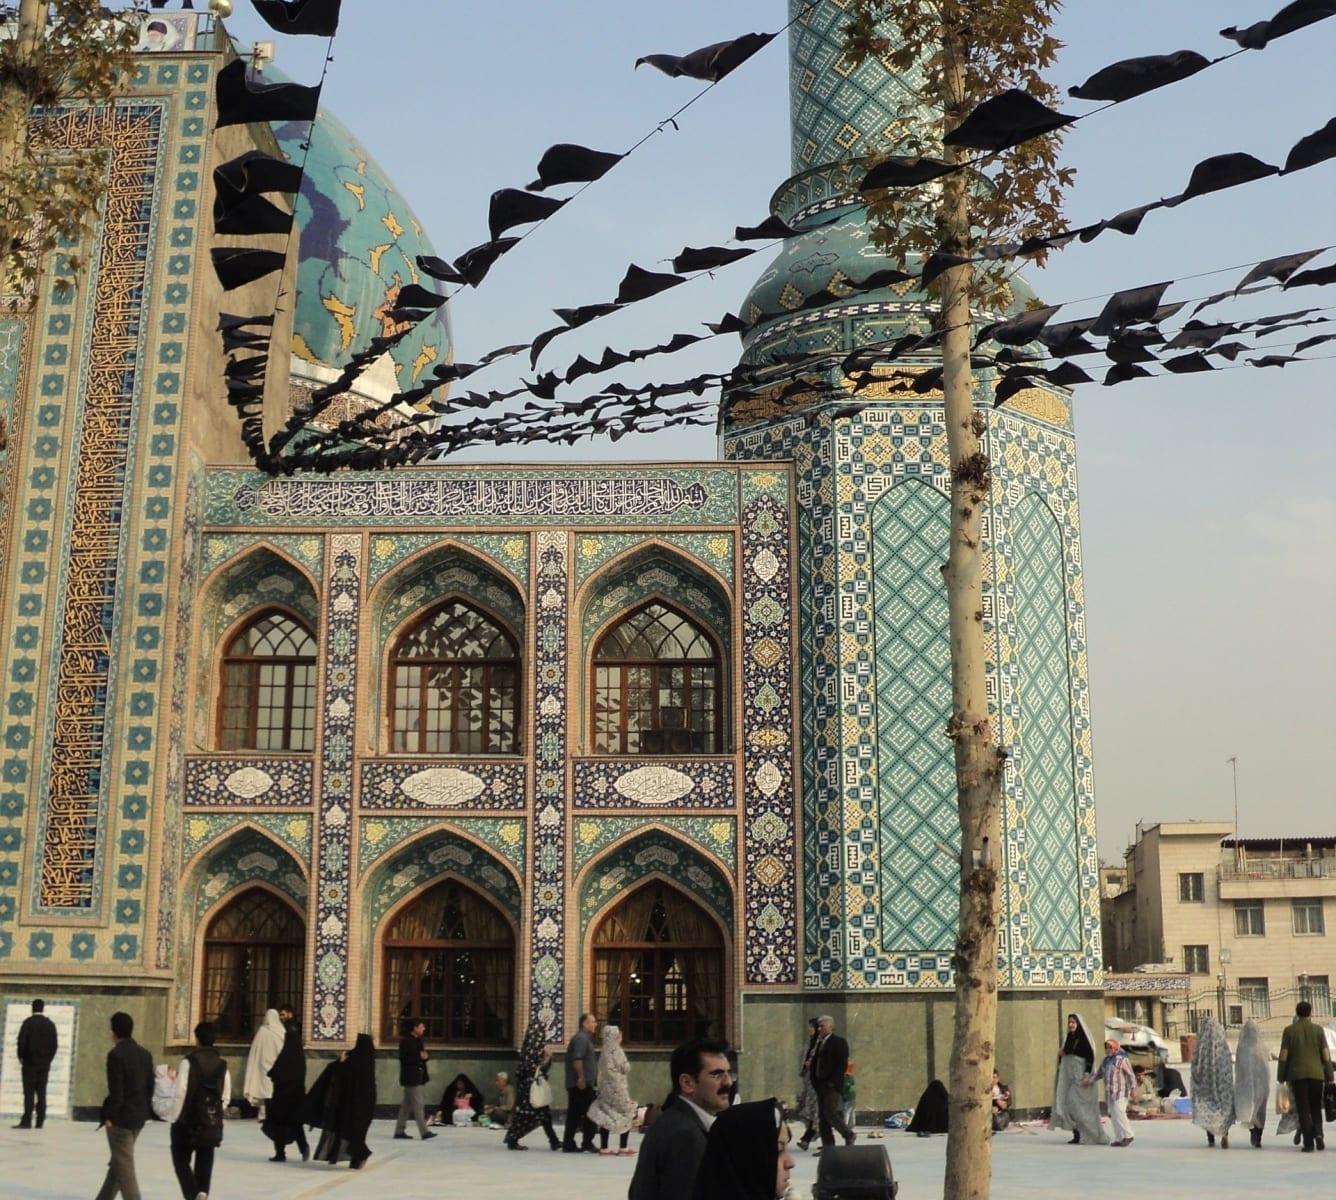 Lotfolláhova mešita, Isfahán, Írán